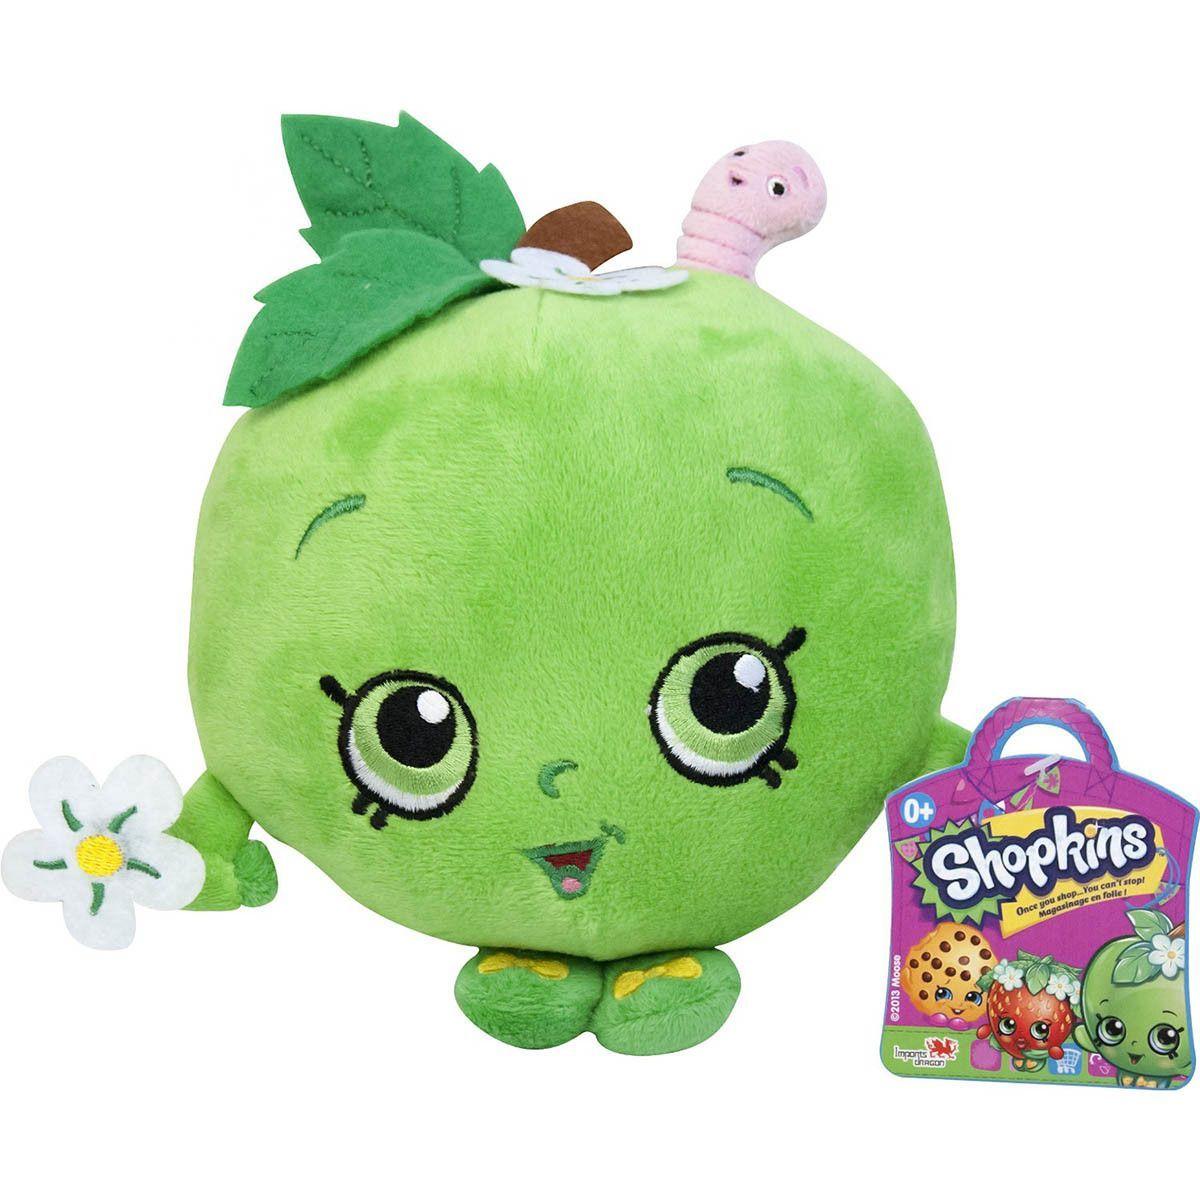 Рюкзак для девочки plush apple рюкзаки на одной лямке вместительный и копактный